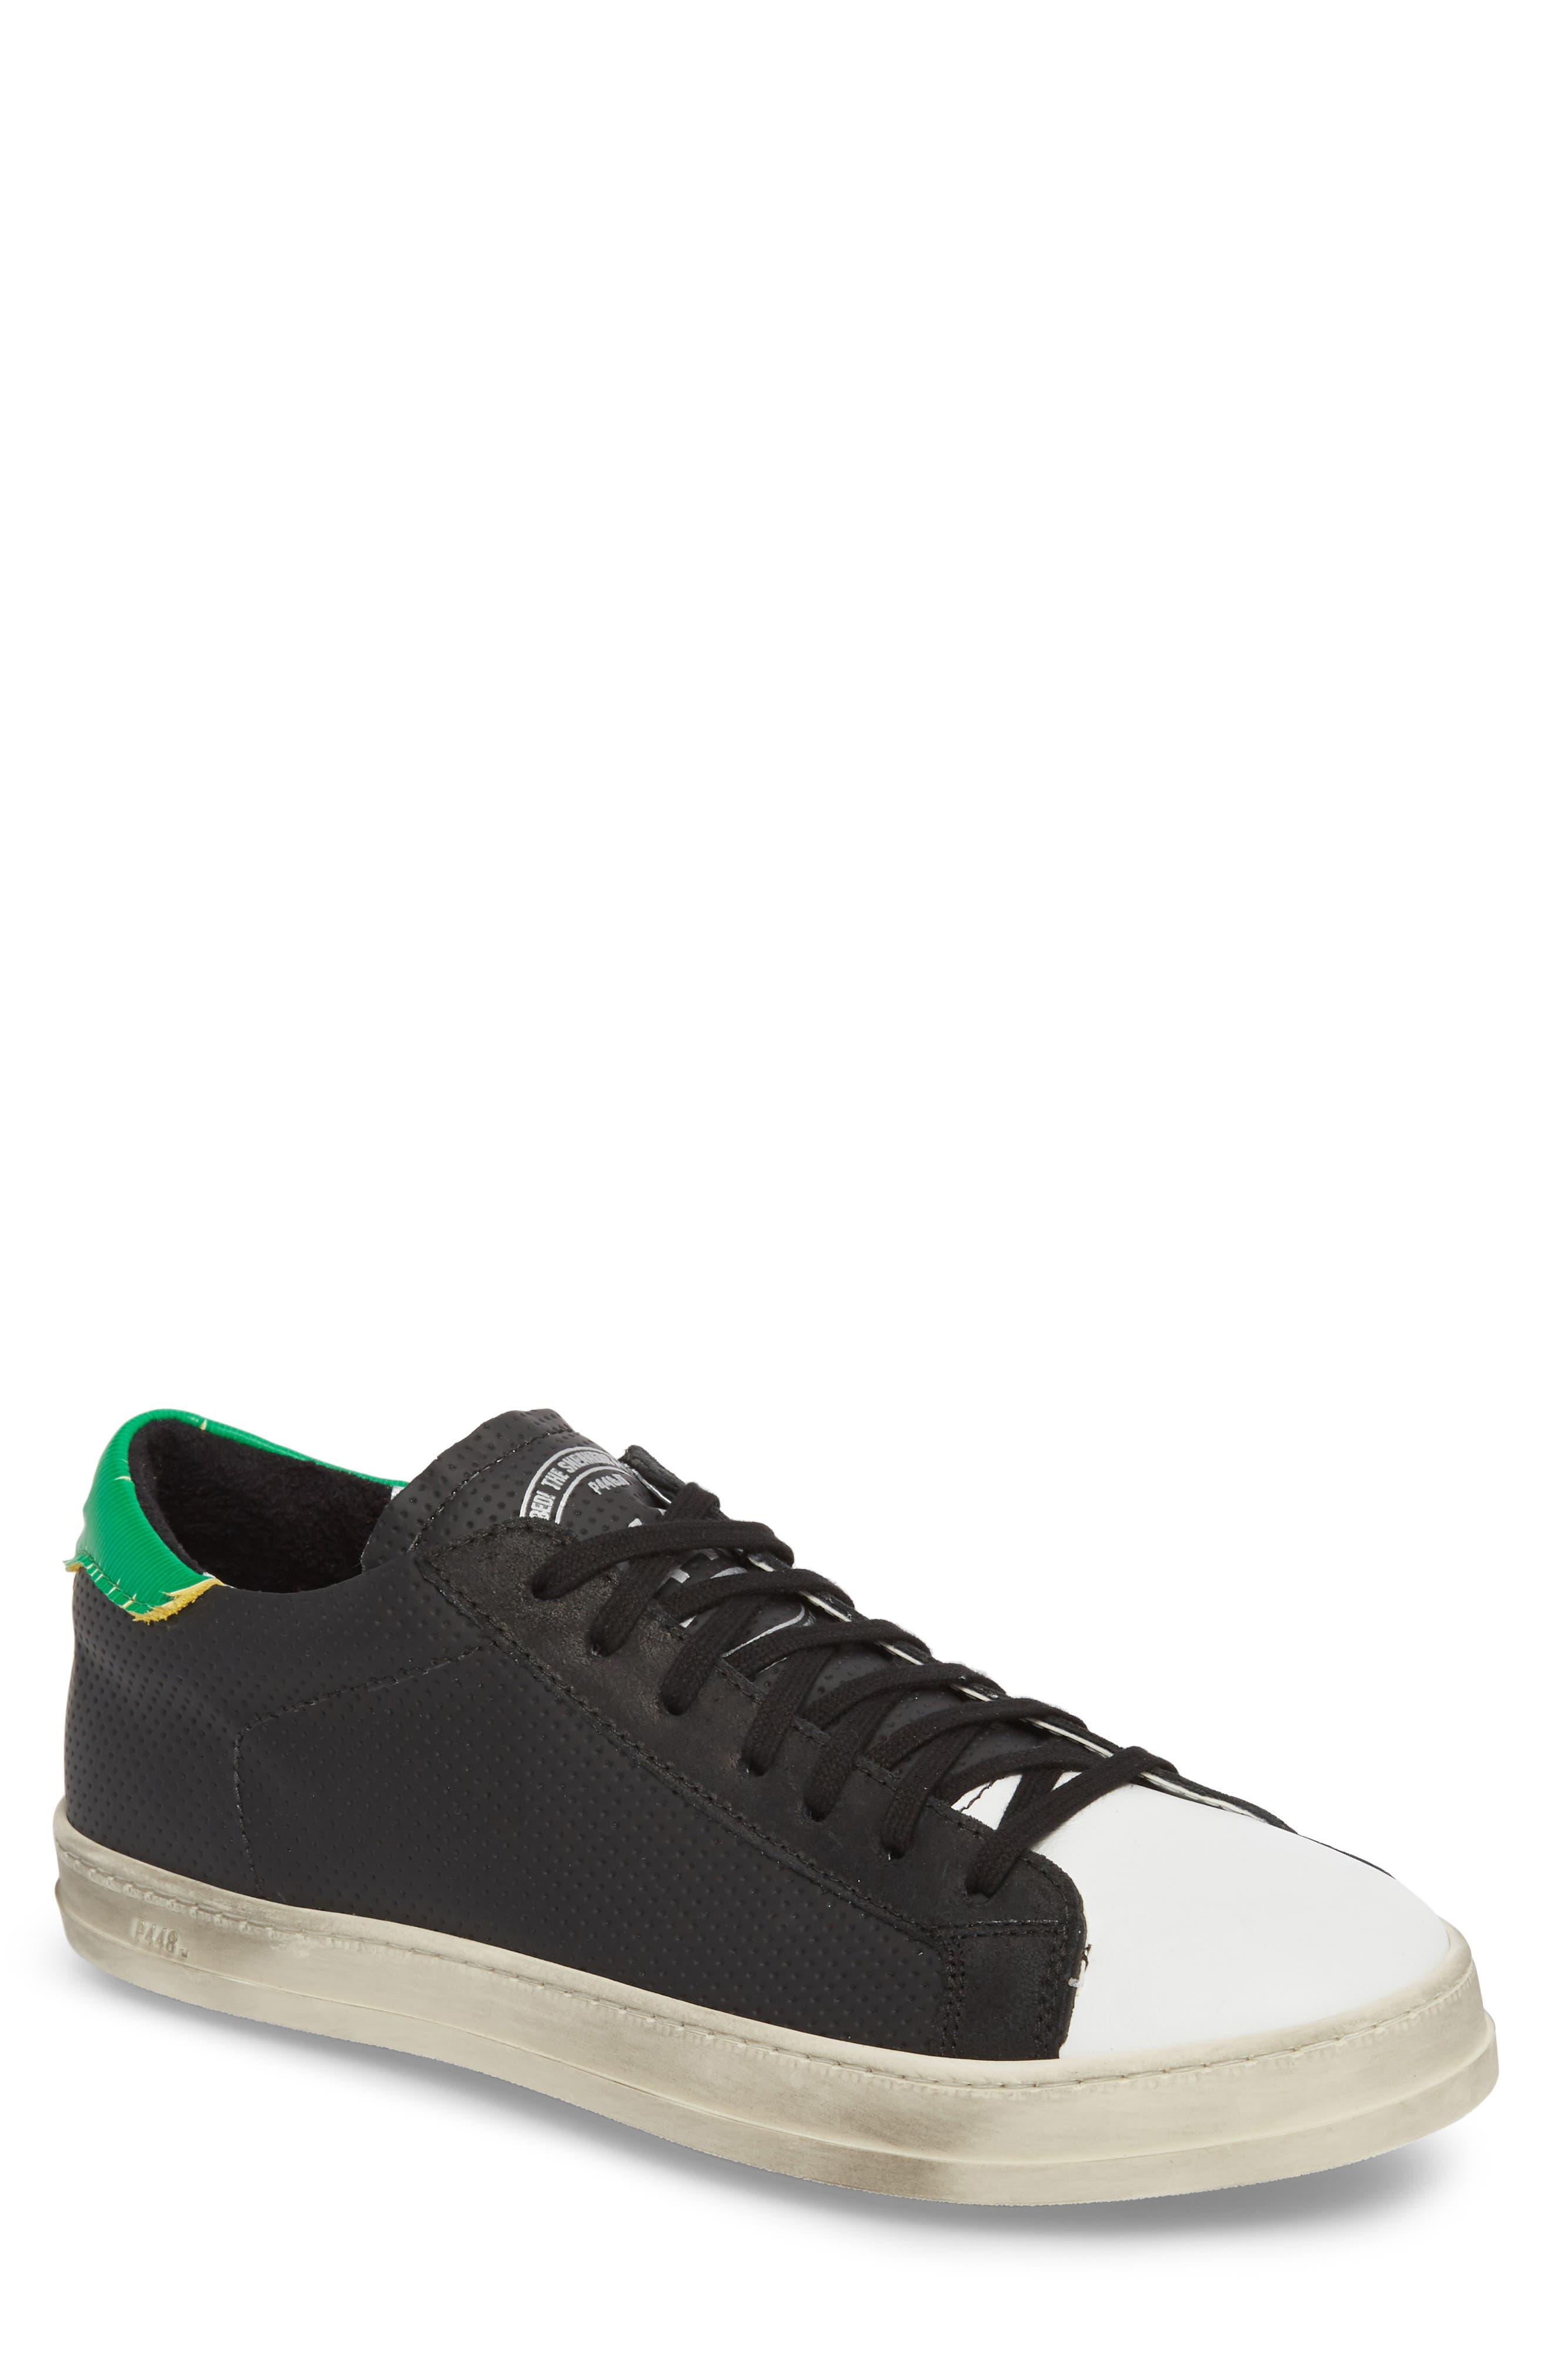 John Low Top Sneaker,                         Main,                         color, BLACK